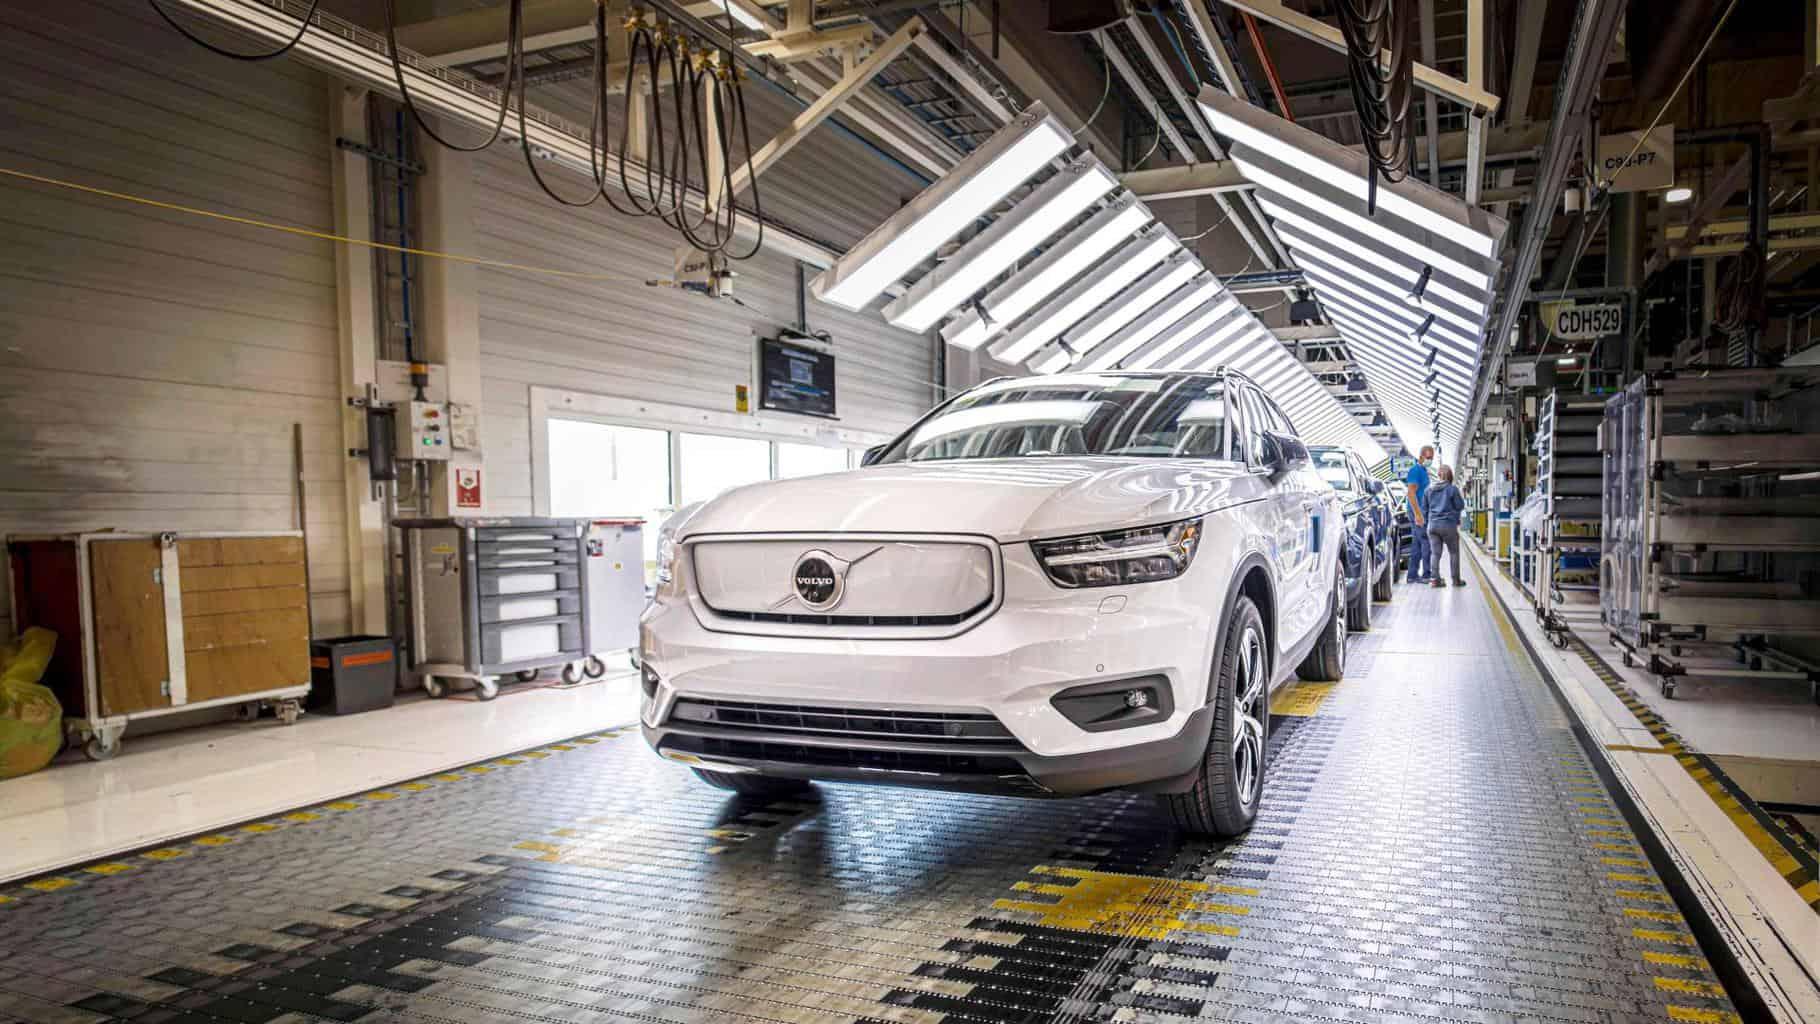 Volvo beginnt mit der Produktion des elektrischen SUV XC40 Recharge